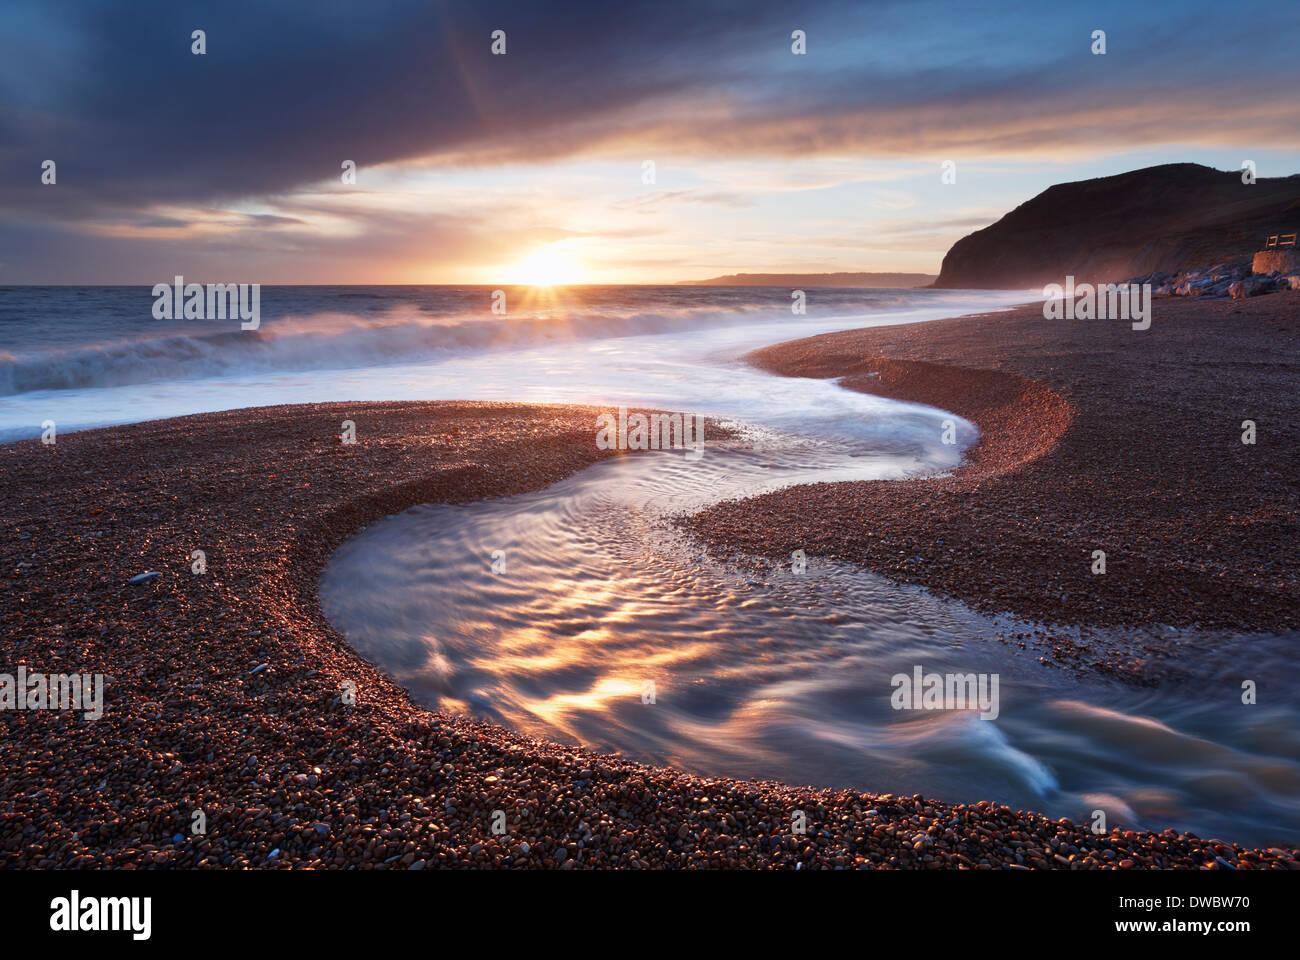 Fluß Winniford fließt in das Meer am Strand der einladendsten mit den Klippen von Golden Cap in der Ferne. Jurassic Coast. Dorset. VEREINIGTES KÖNIGREICH. Stockbild